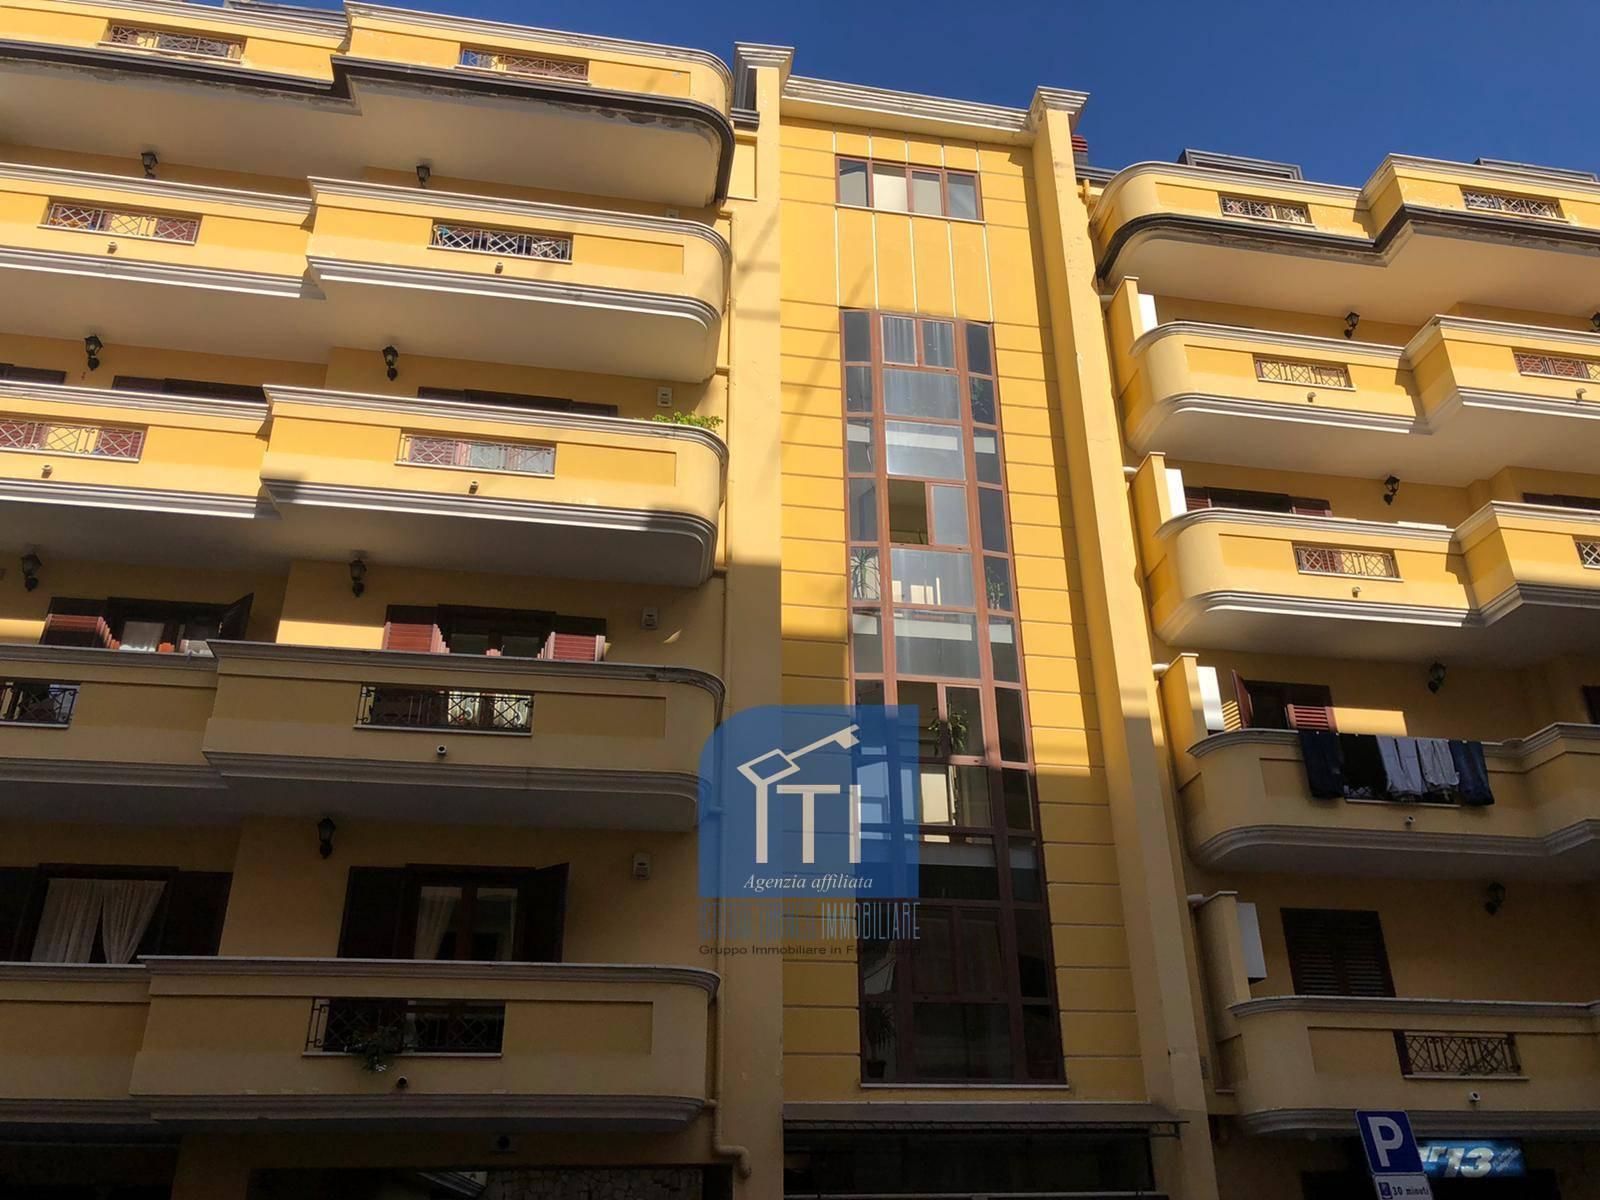 Attico / Mansarda in vendita a Caserta, 3 locali, prezzo € 125.000 | PortaleAgenzieImmobiliari.it